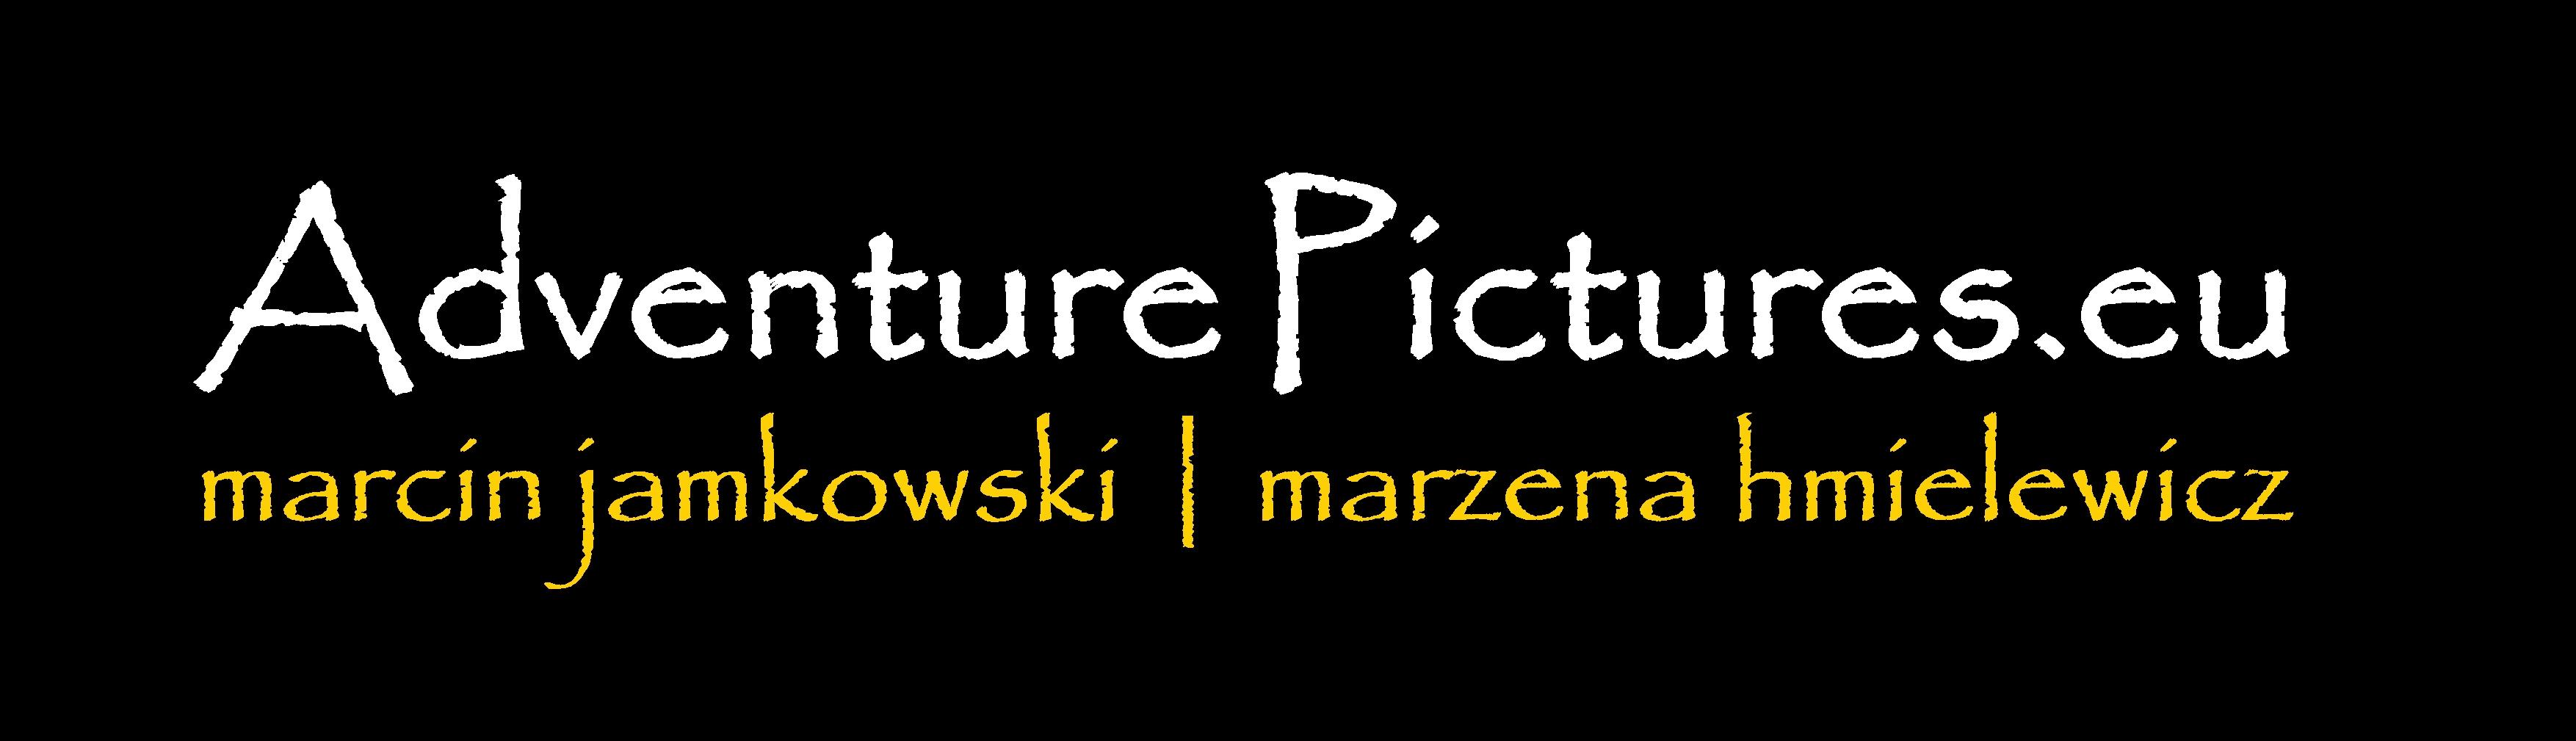 Adventure_Pictures_logo